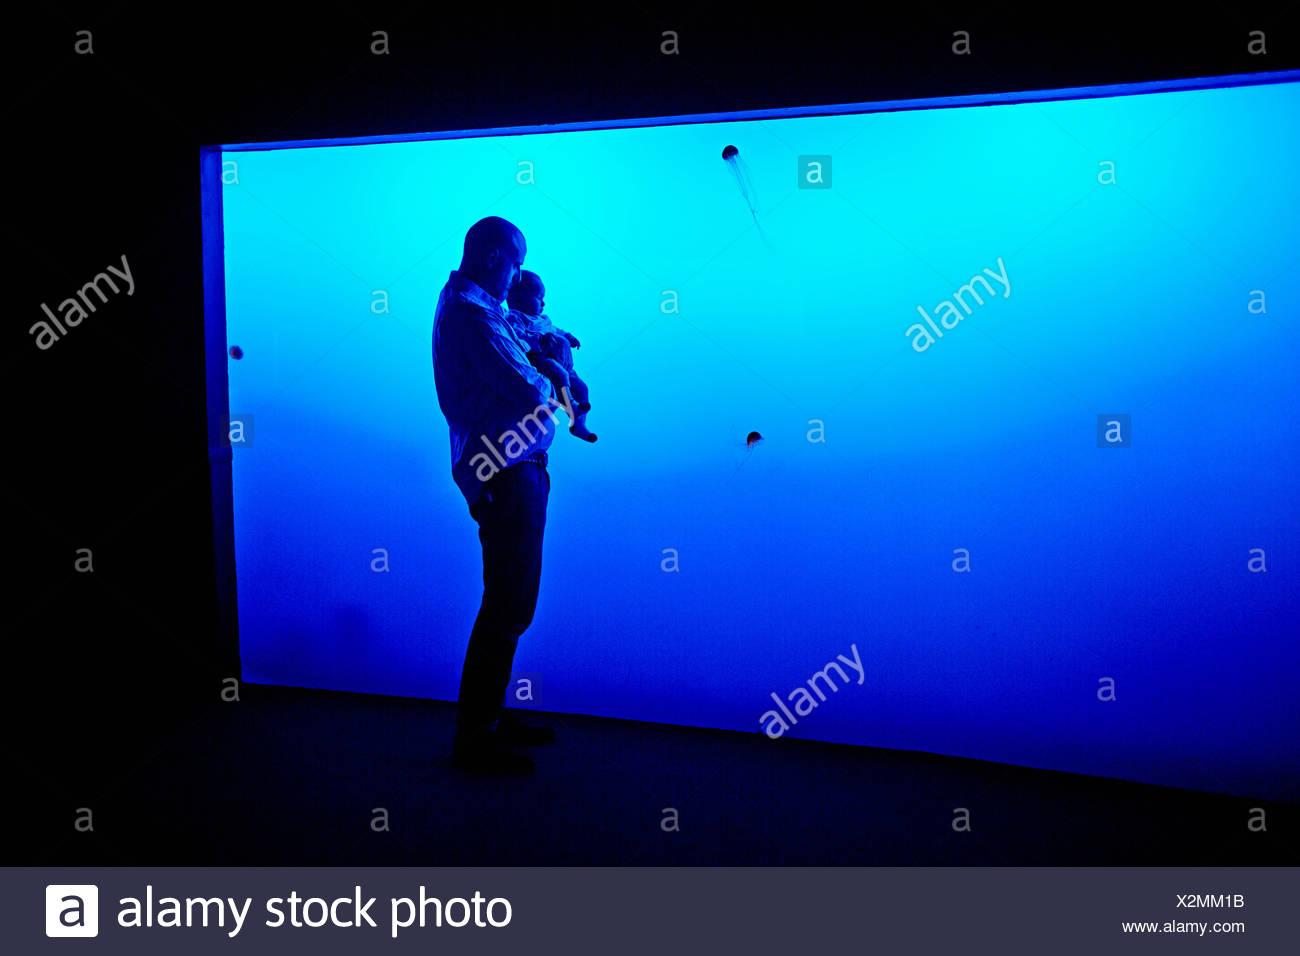 Niedlich Monterey Bay Aquarium Malvorlagen Ideen - Malvorlagen Ideen ...